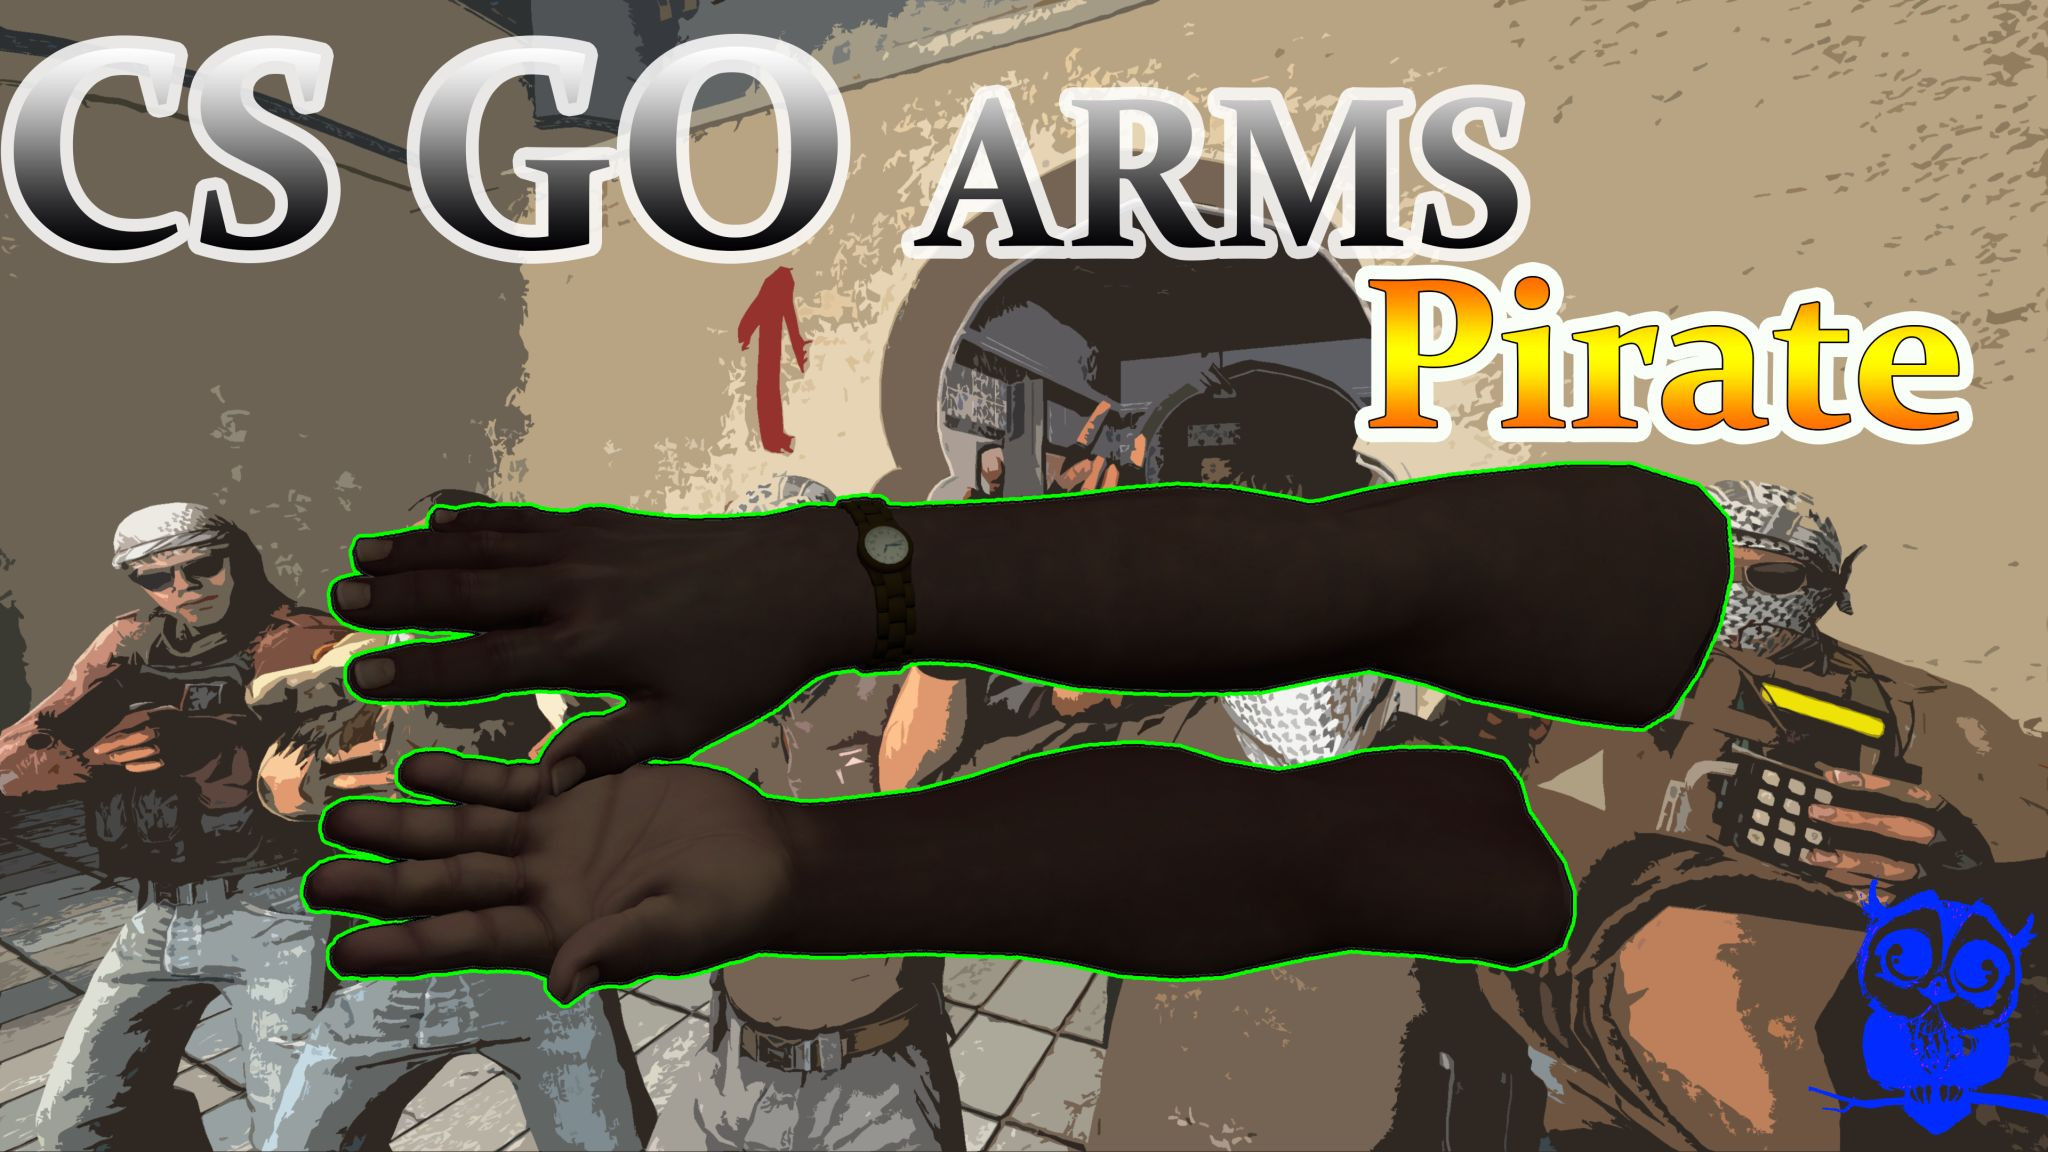 دانلود دست کش کانتر گو CS:GO Arms pirate برای کانتر استریک 1.6